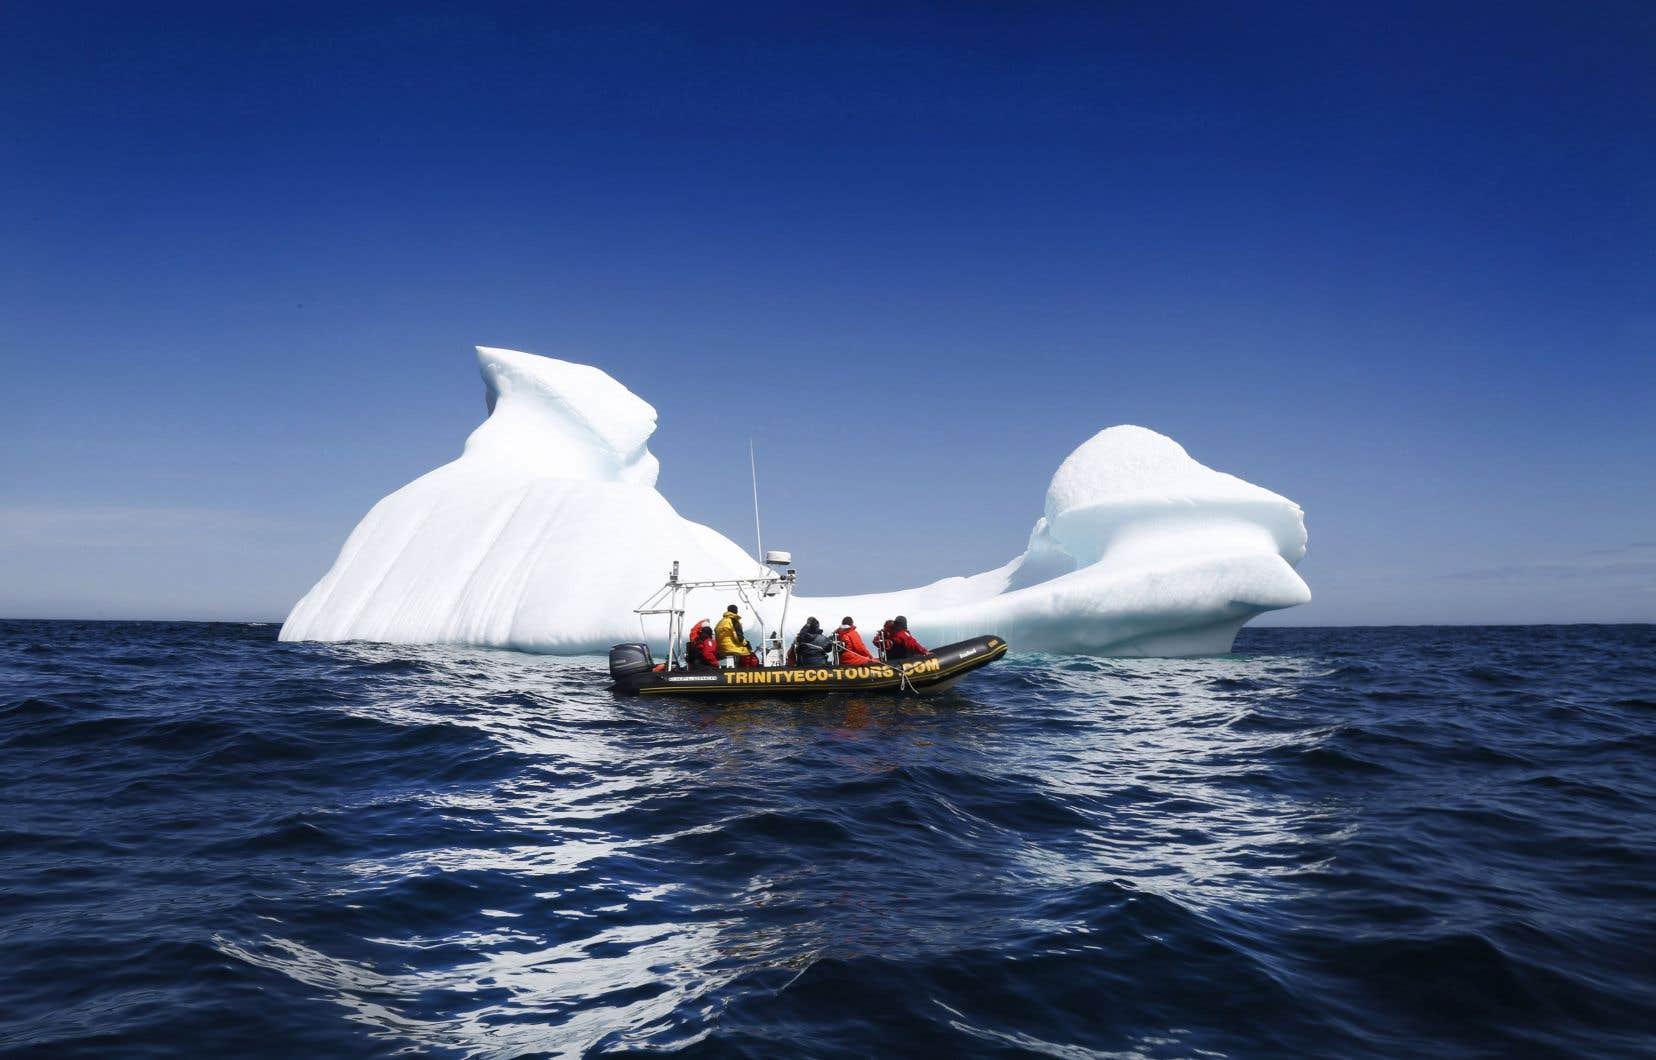 Pour les résidants et de nombreux touristes, ce phénomène est un rappel visuel saisissant des changements climatiques et de la fonte rapide des glaciers.